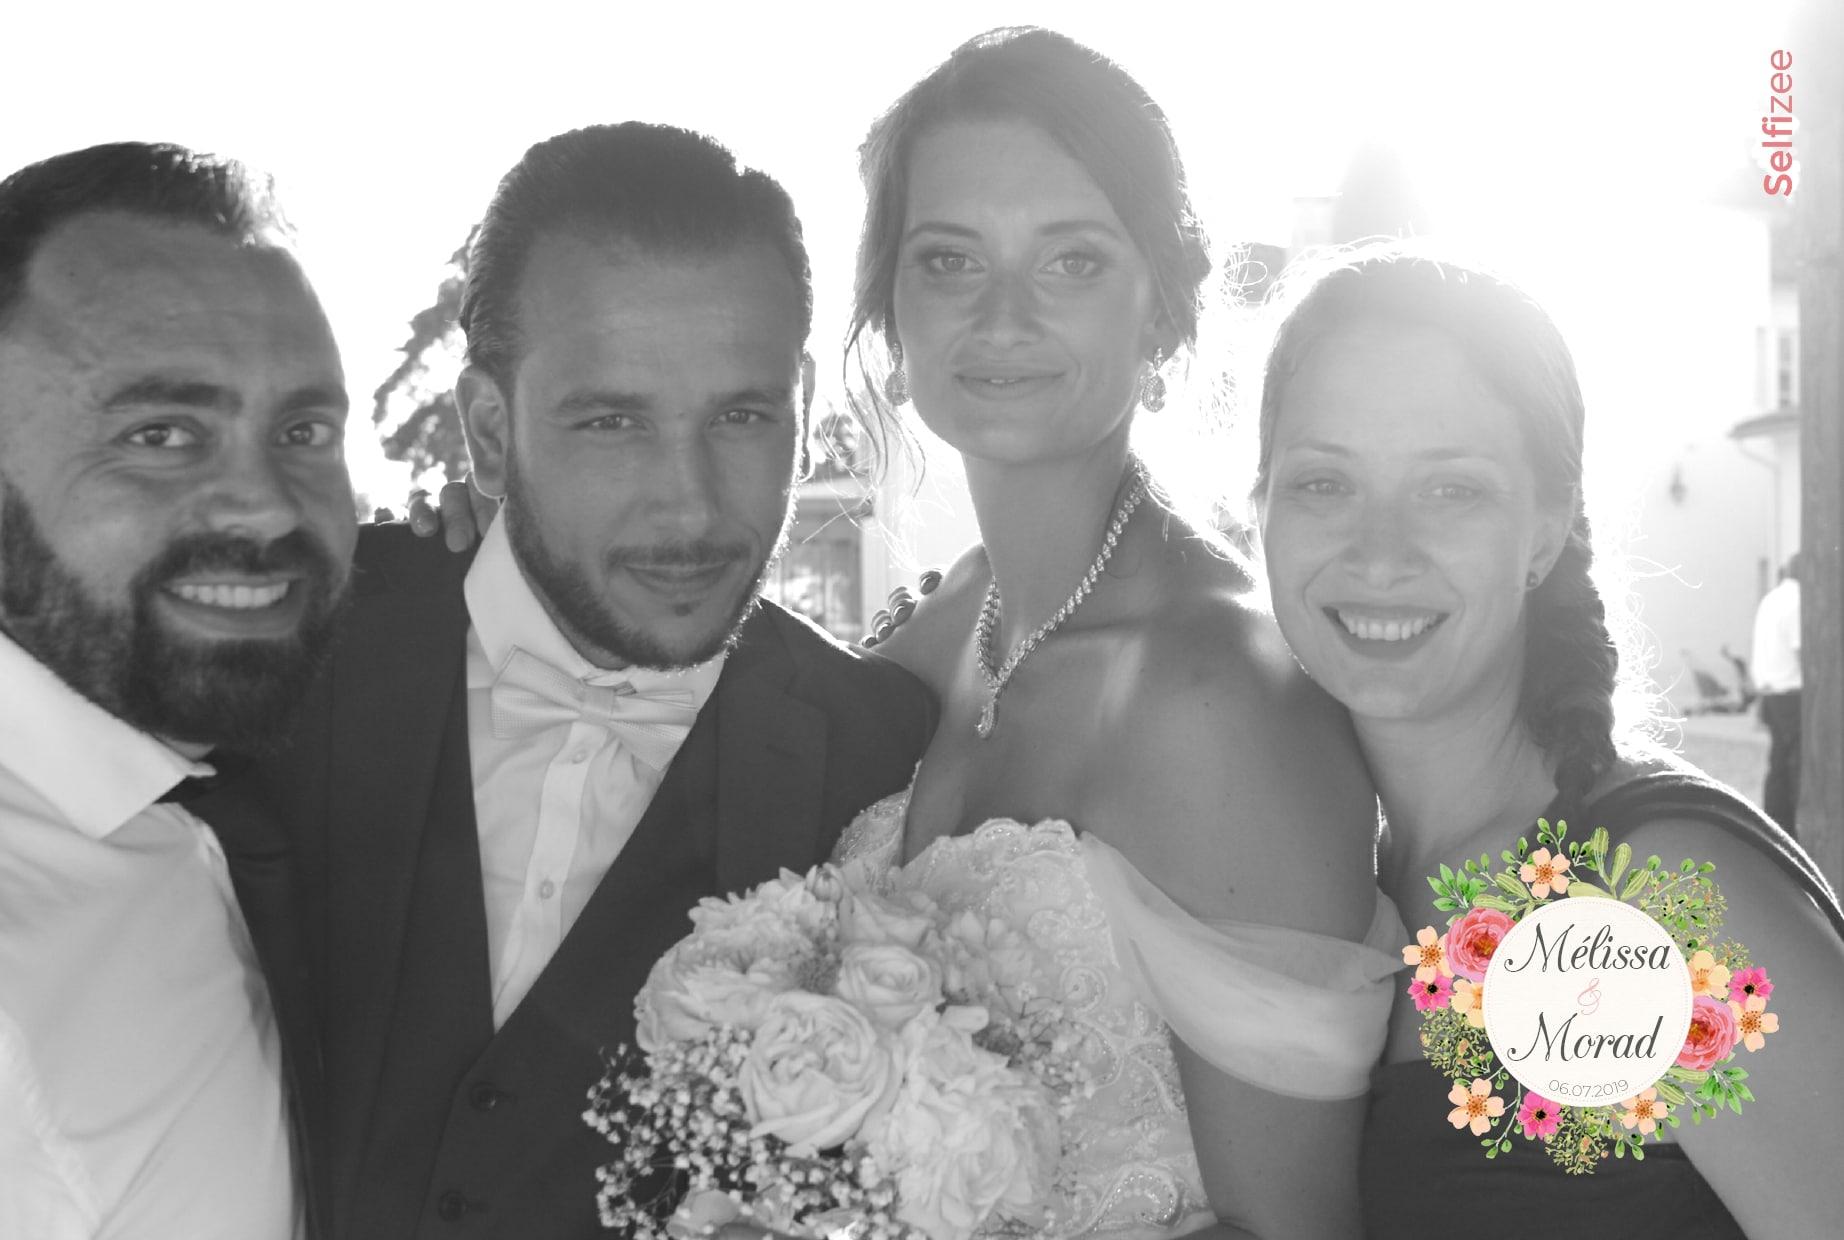 Selfie mariage avec filtre - animation borne photo avec tirages photos à Bordeaux et en Gironde pour mariage ou fête